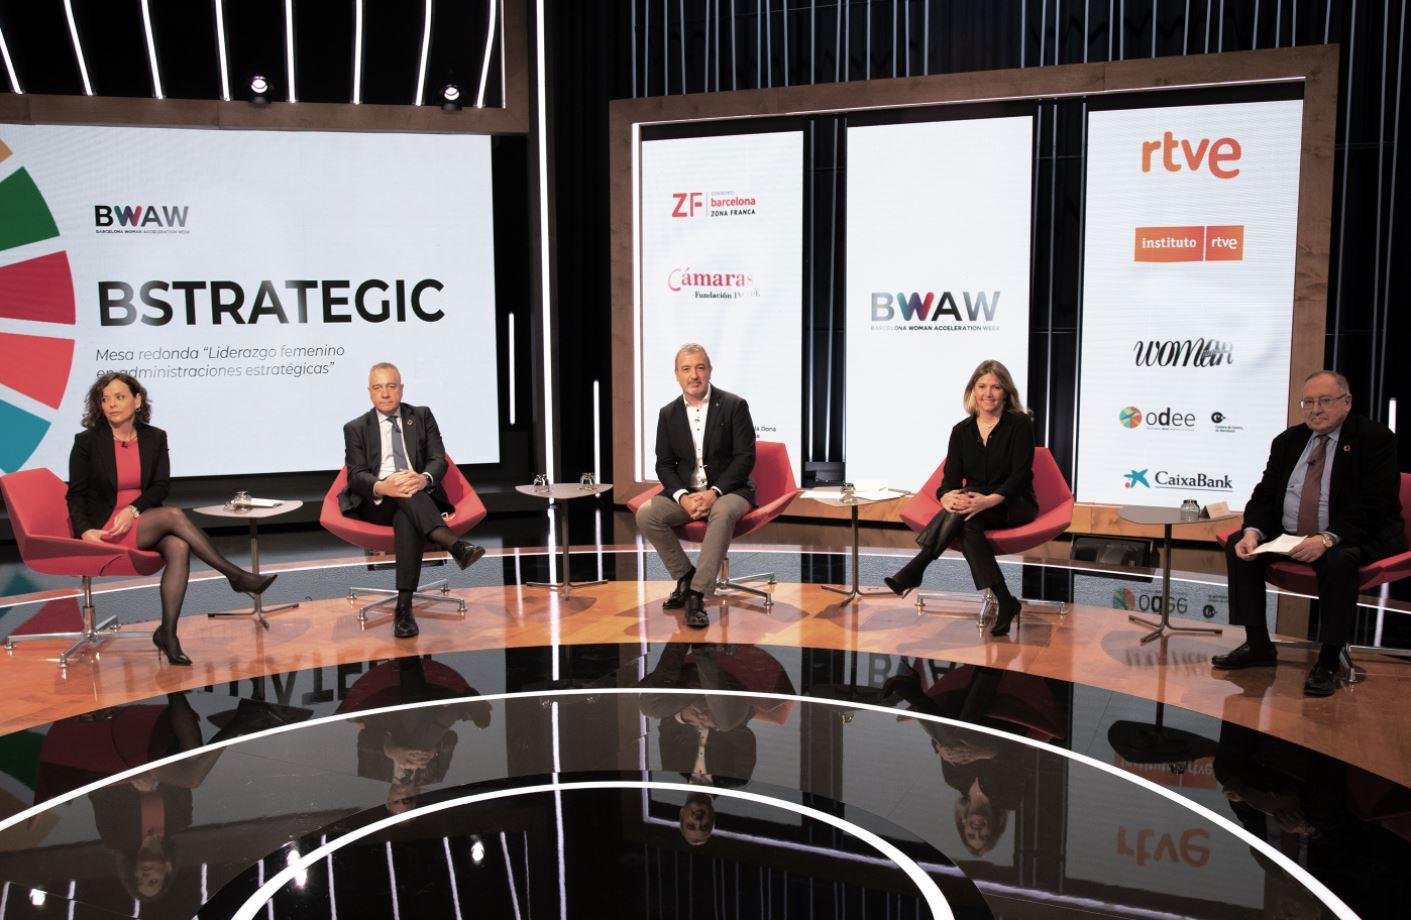 BWAW se posiciona como un evento de referencia en el avance de la igualdad de género